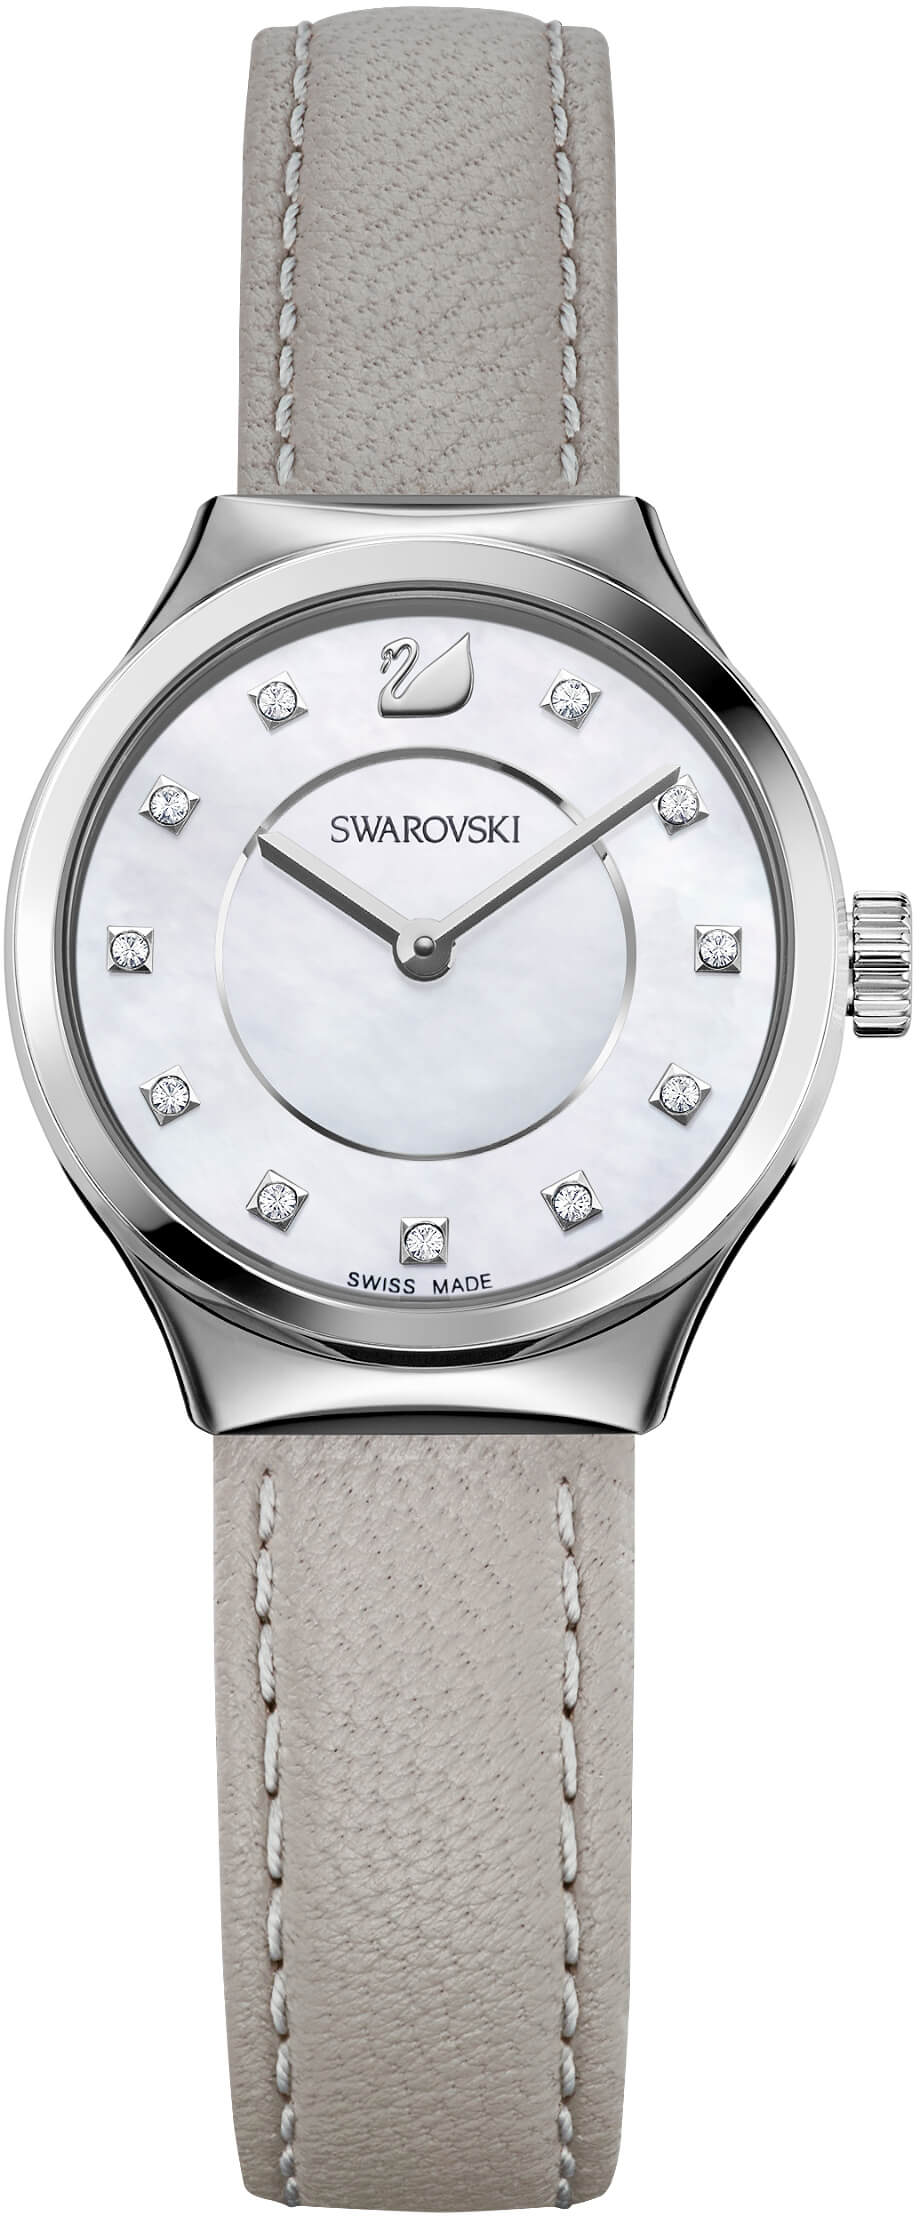 Tento produkt je momentálně nedostupný. Vyberte si prosím jiné produkty  značky Swarovski. Děkujeme za pochopení. 33959a81c9